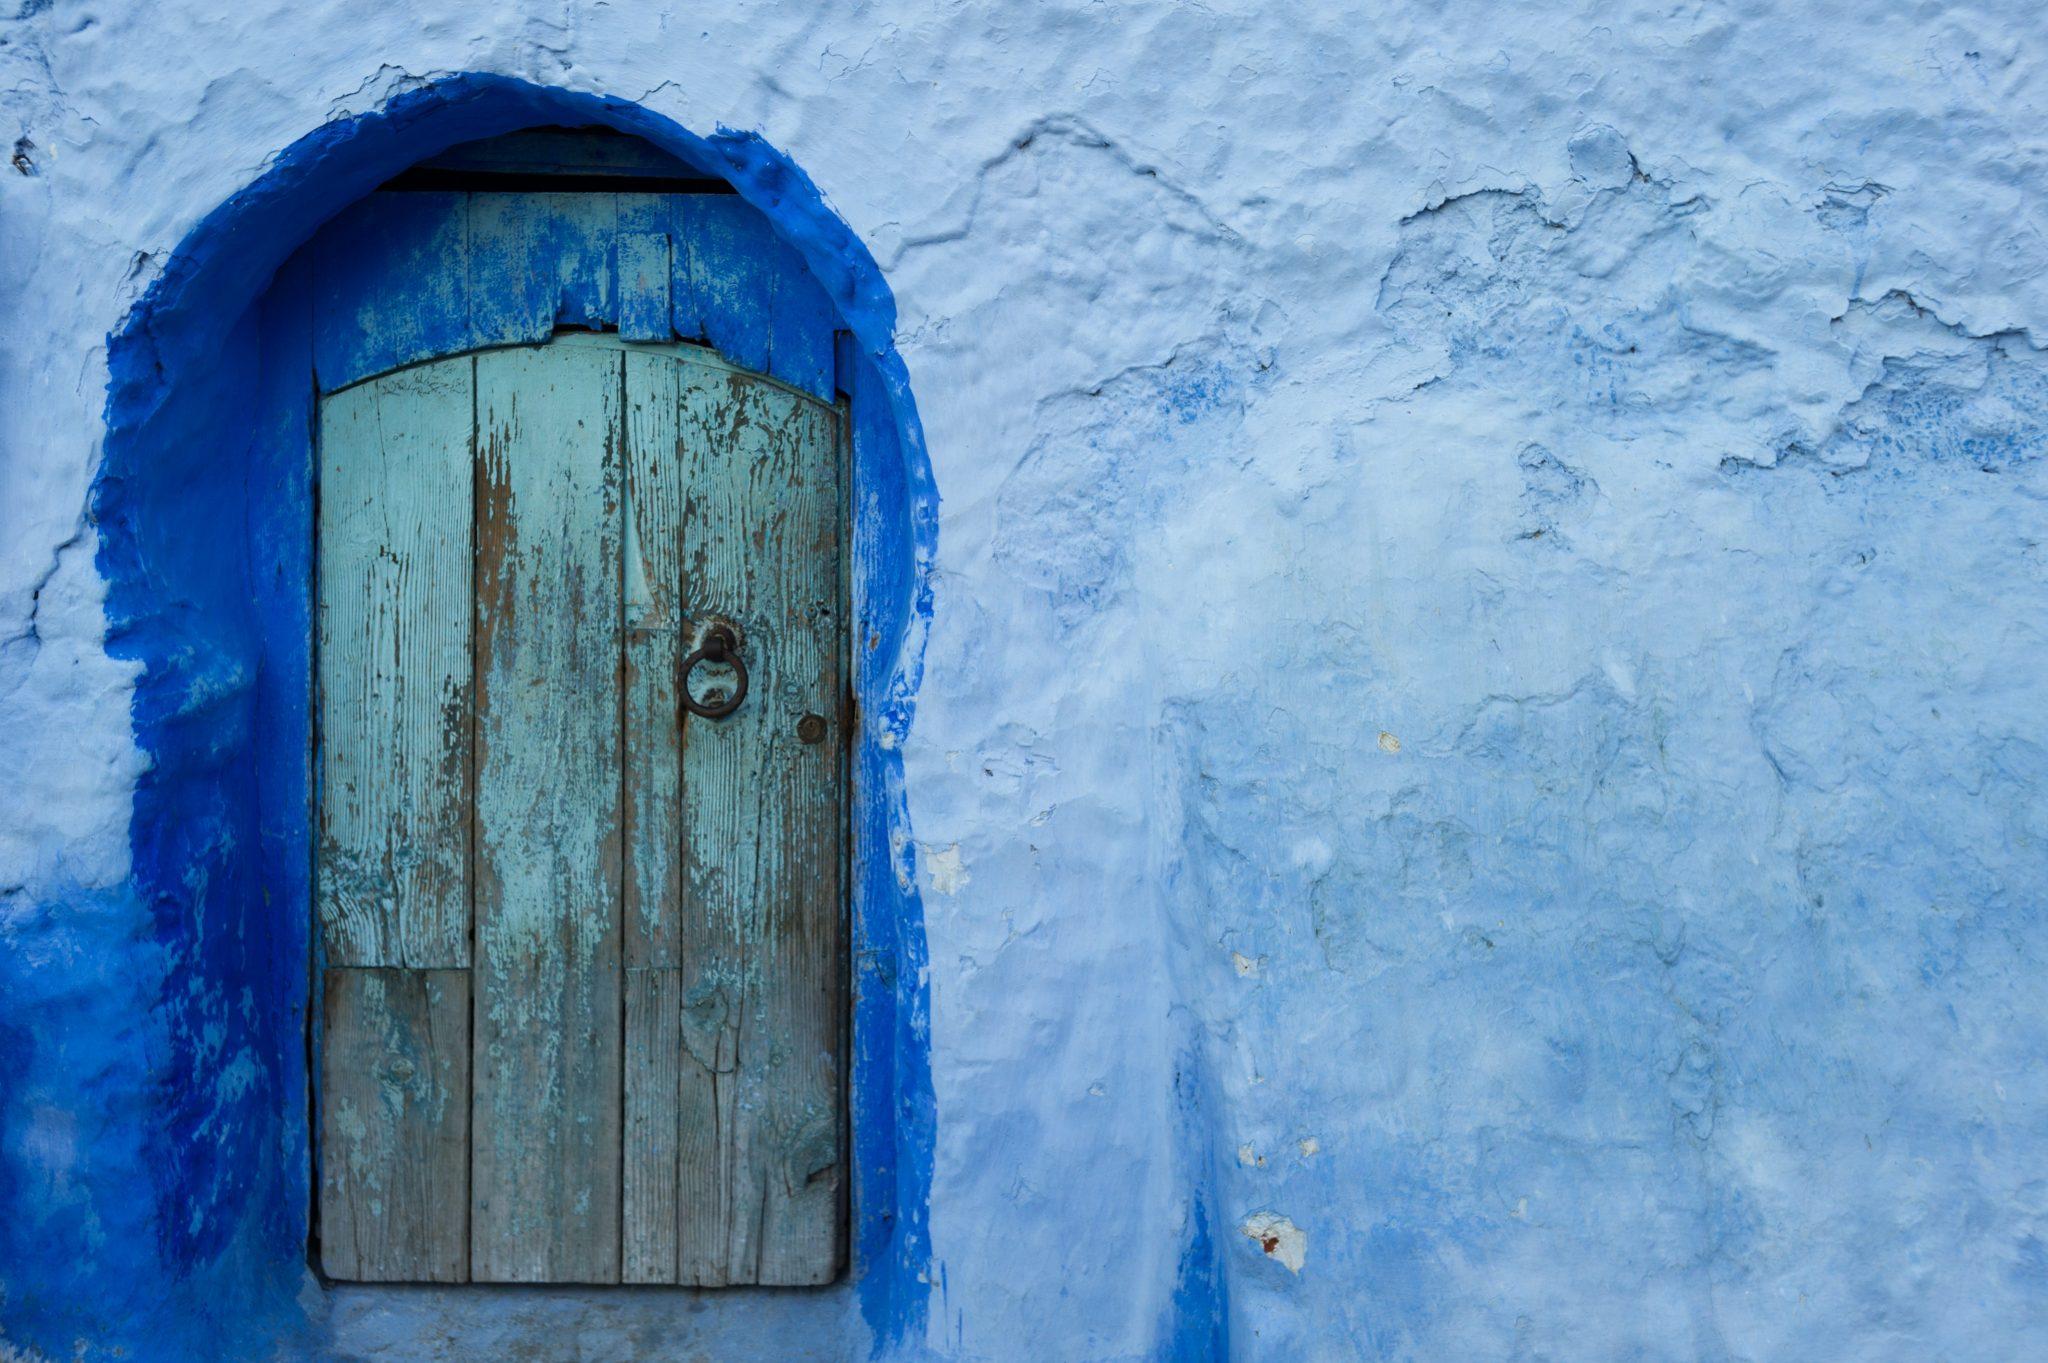 Morocco, Chefchouen, Doorway